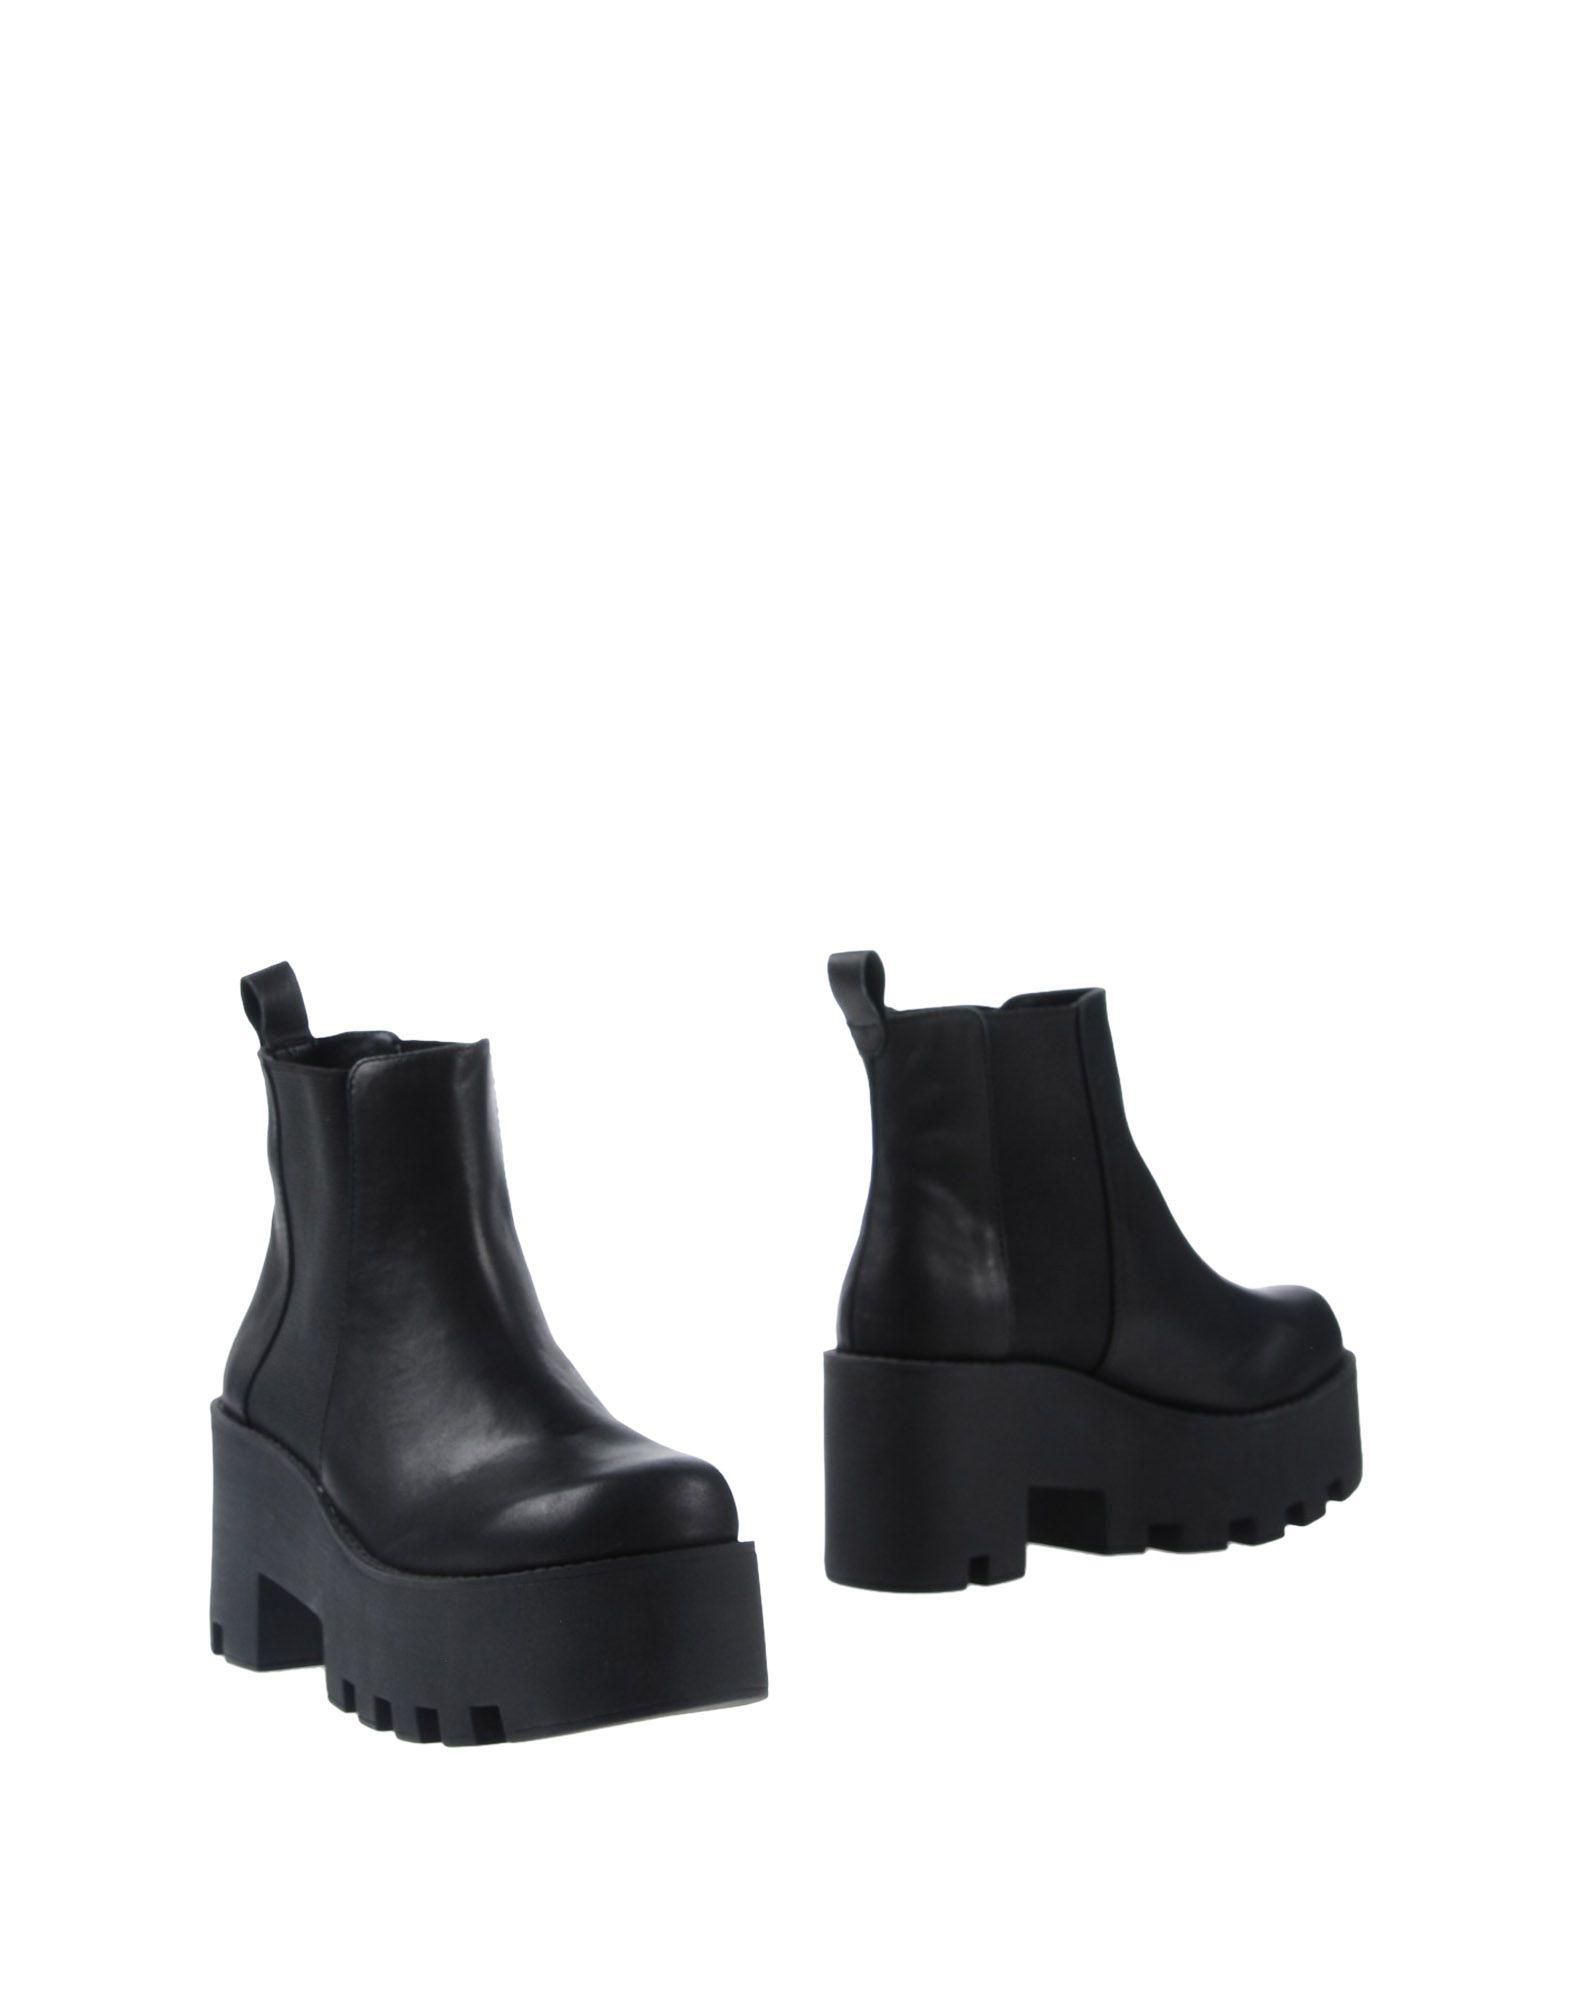 Windsor Smith Chelsea Boots Damen  11337376JI Gute Qualität beliebte Schuhe